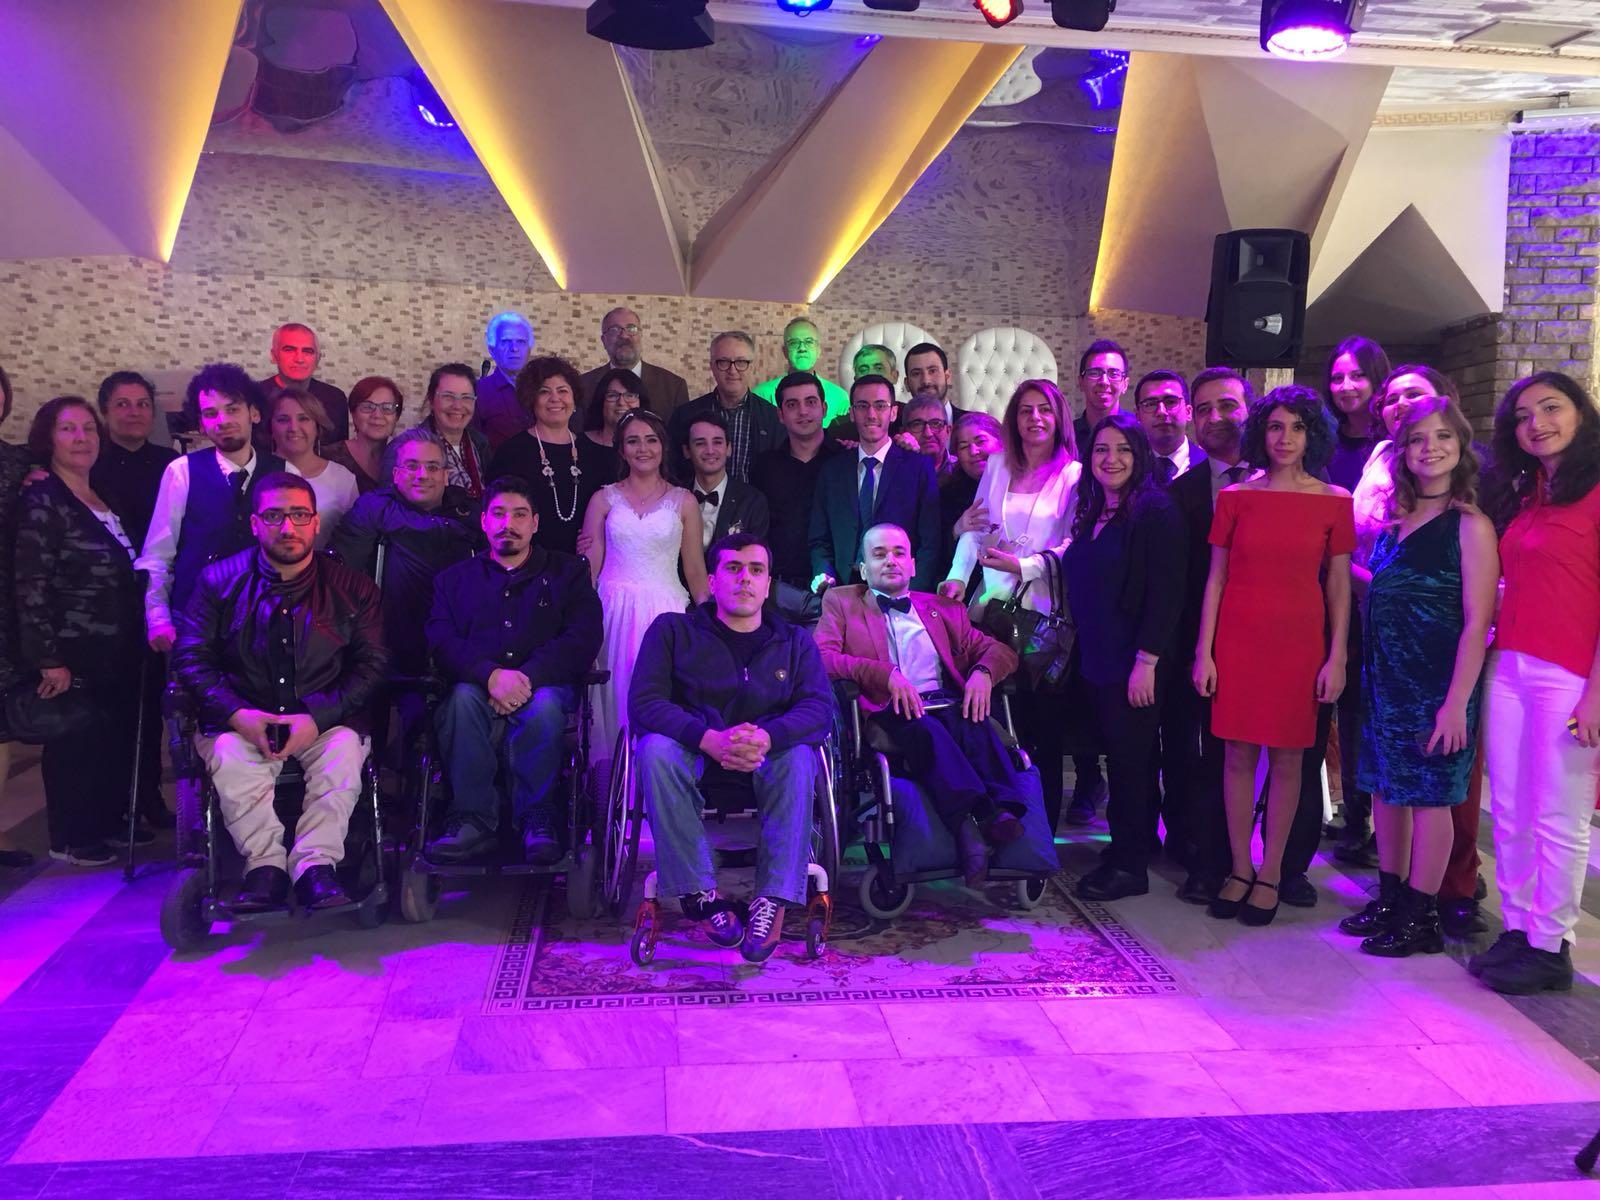 Yönetim kurulu üyelerimizden Ece Bulgurcu ve üyemiz Barış Girit evlendi